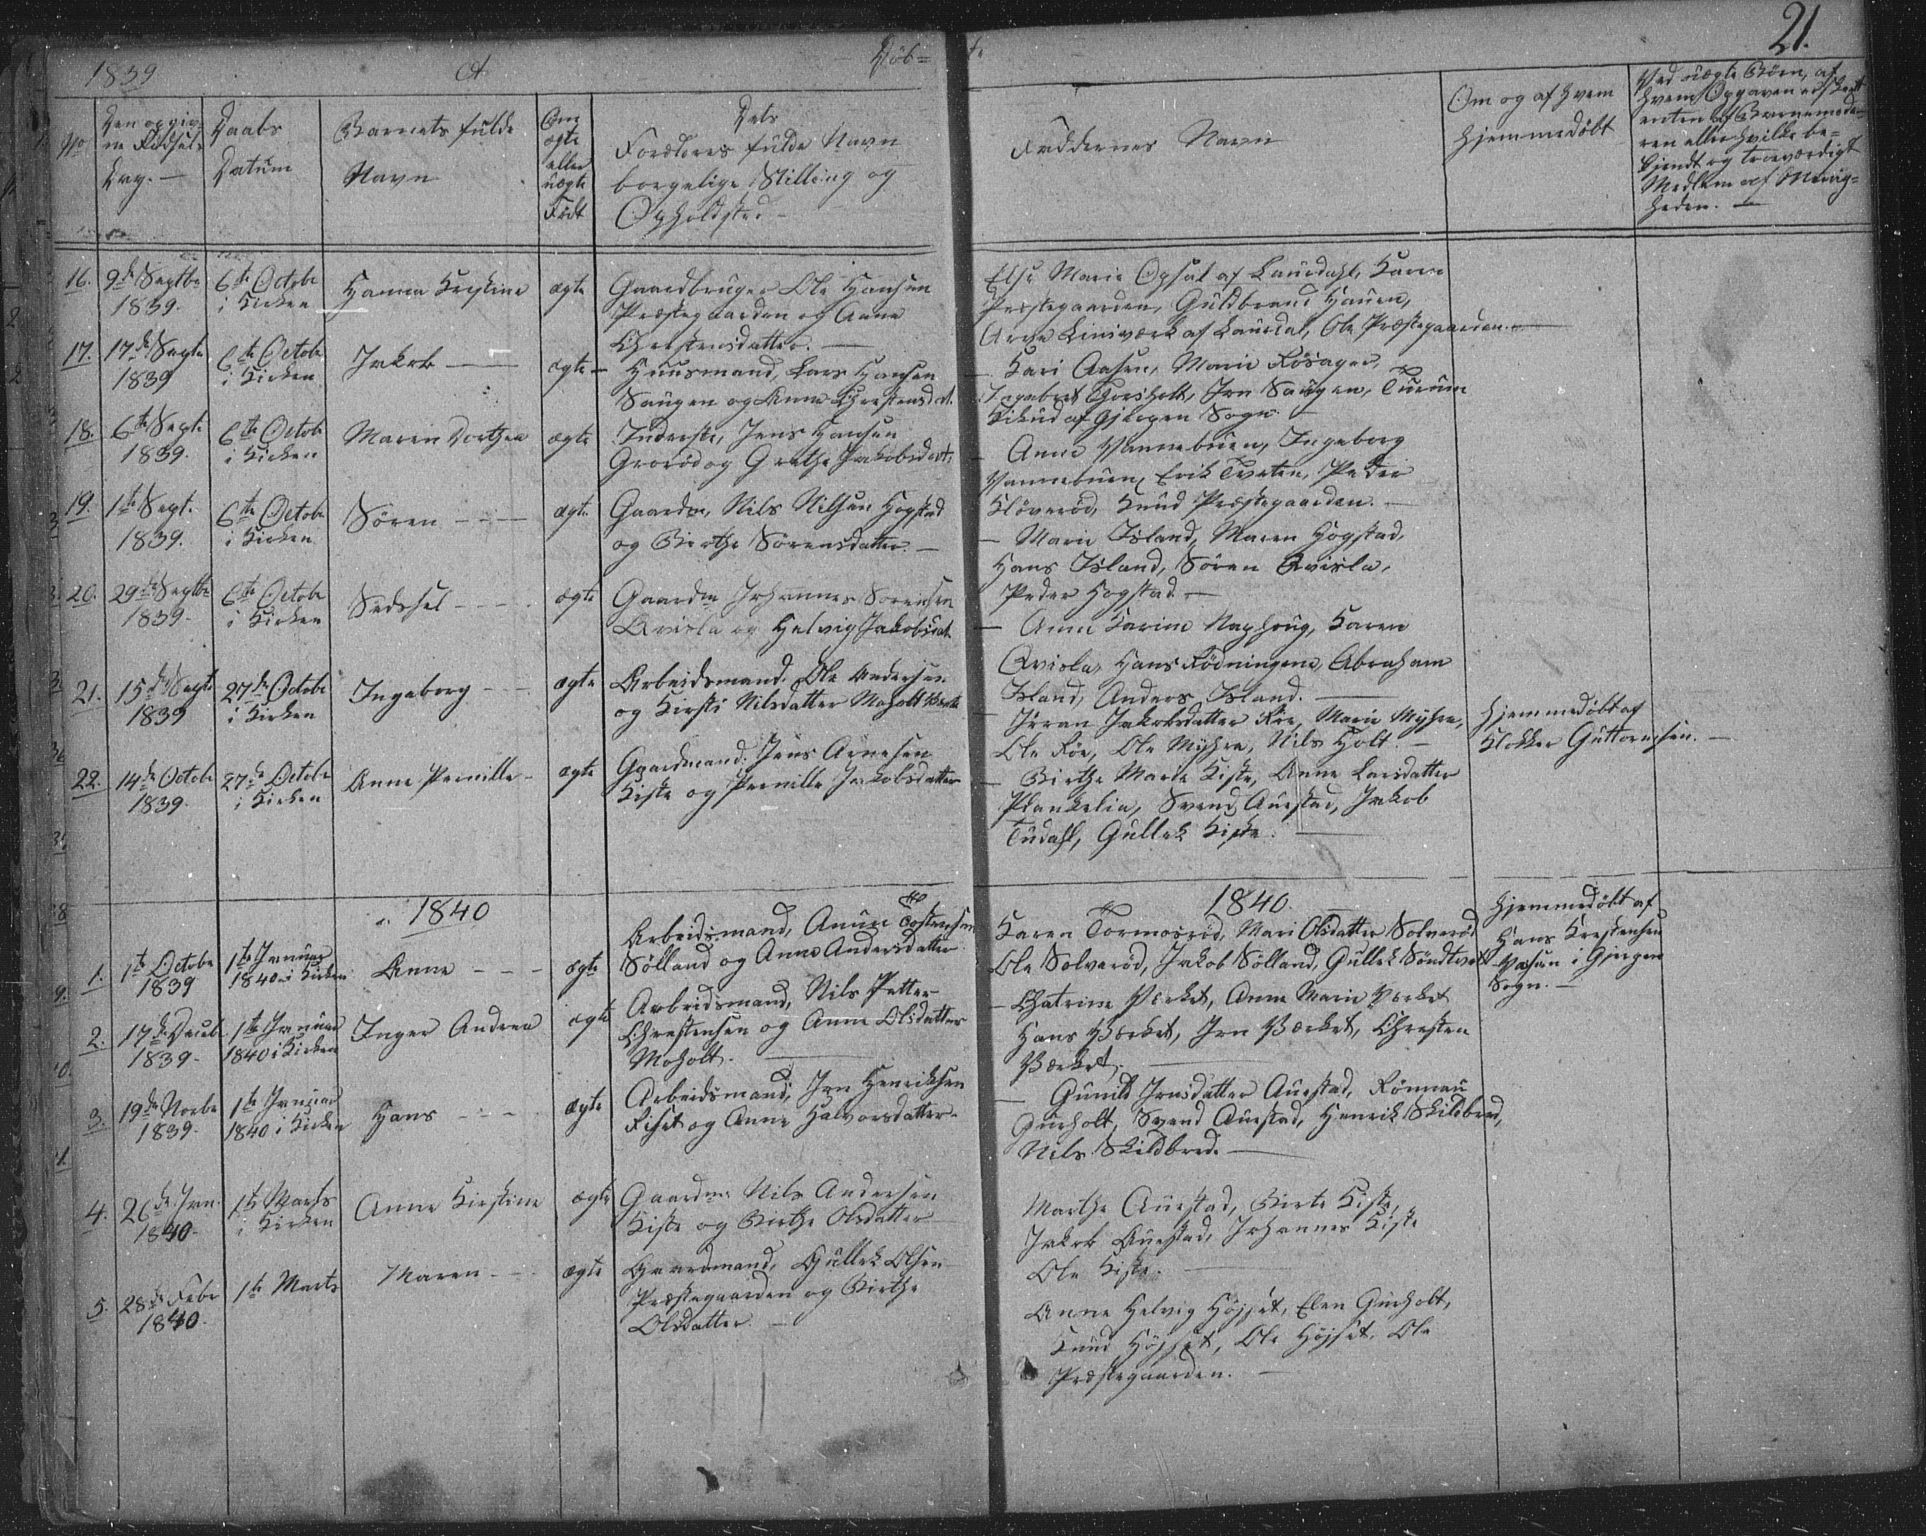 SAKO, Siljan kirkebøker, F/Fa/L0001: Ministerialbok nr. 1, 1831-1870, s. 21